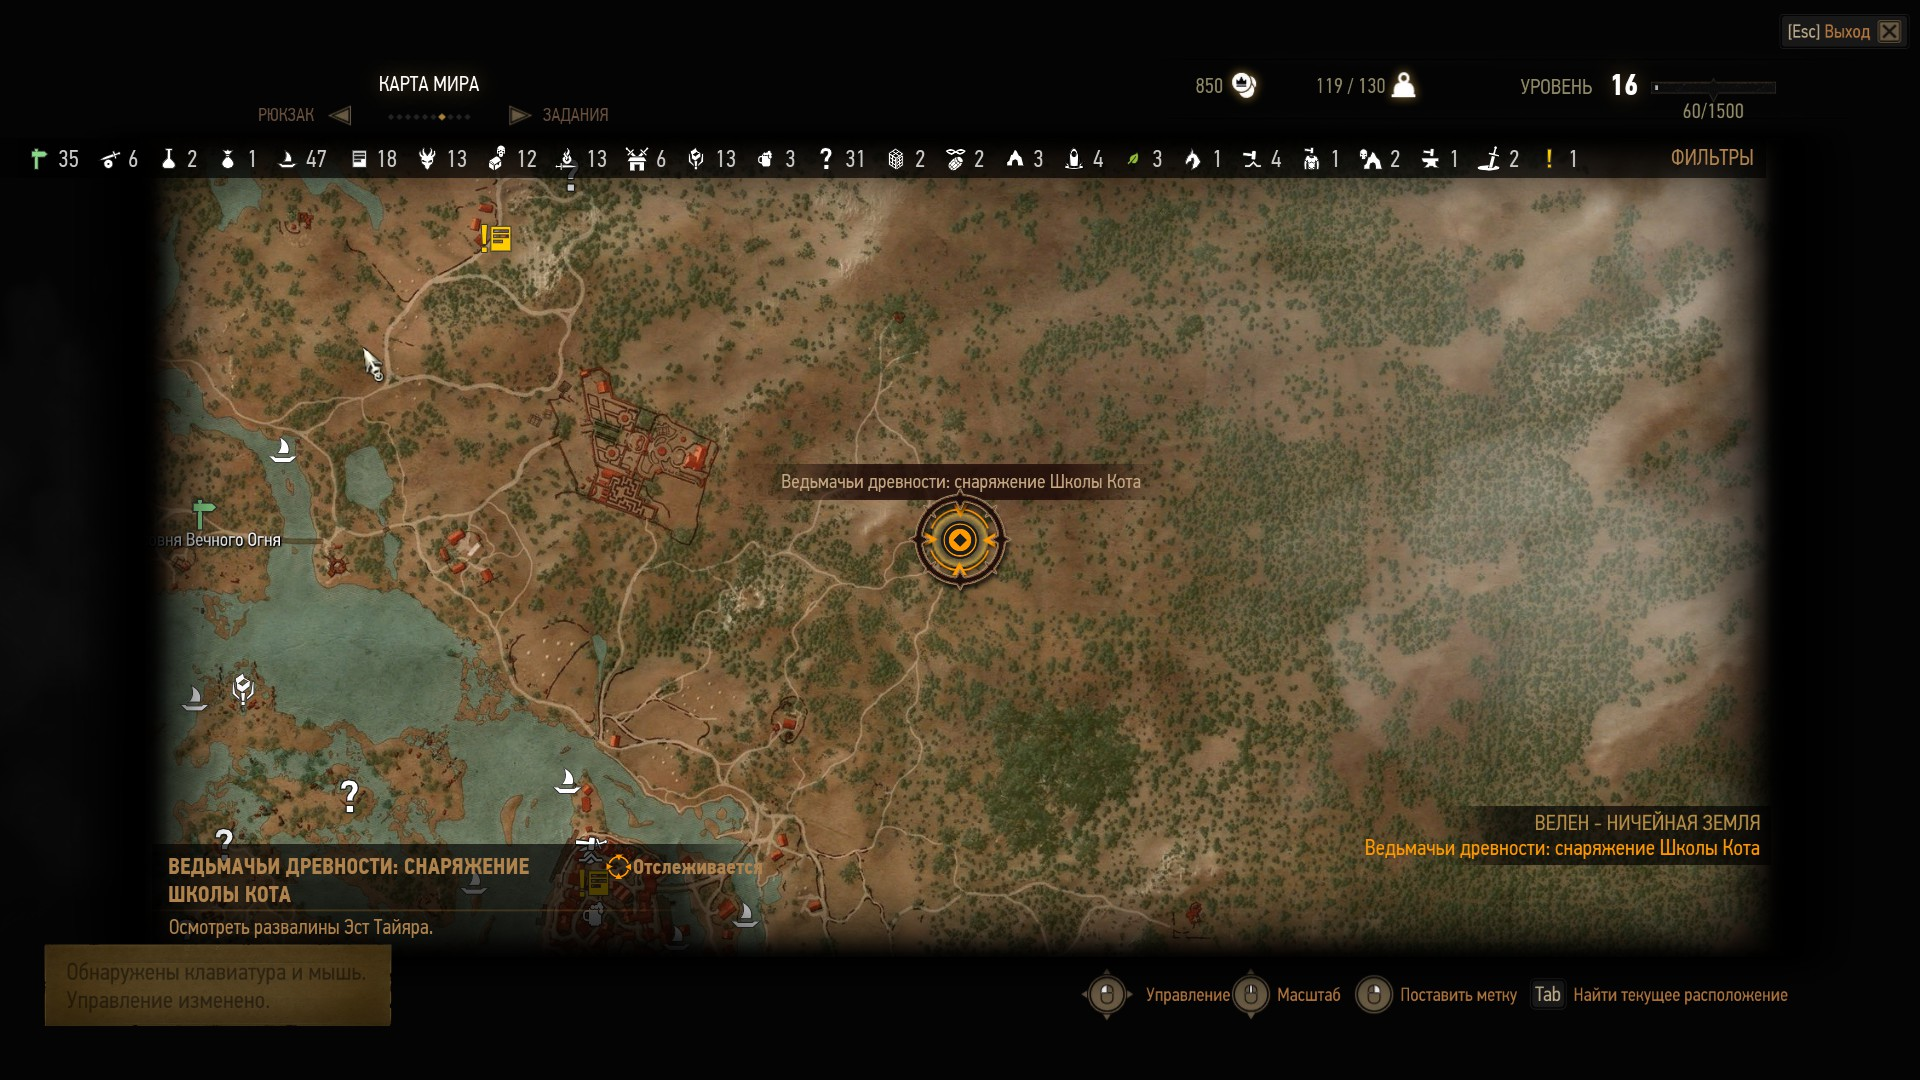 Полное прохождение игры Divinity 2, хорошее описание каждого действия - с нами вы сможете пройти игру без проблем и затруднений